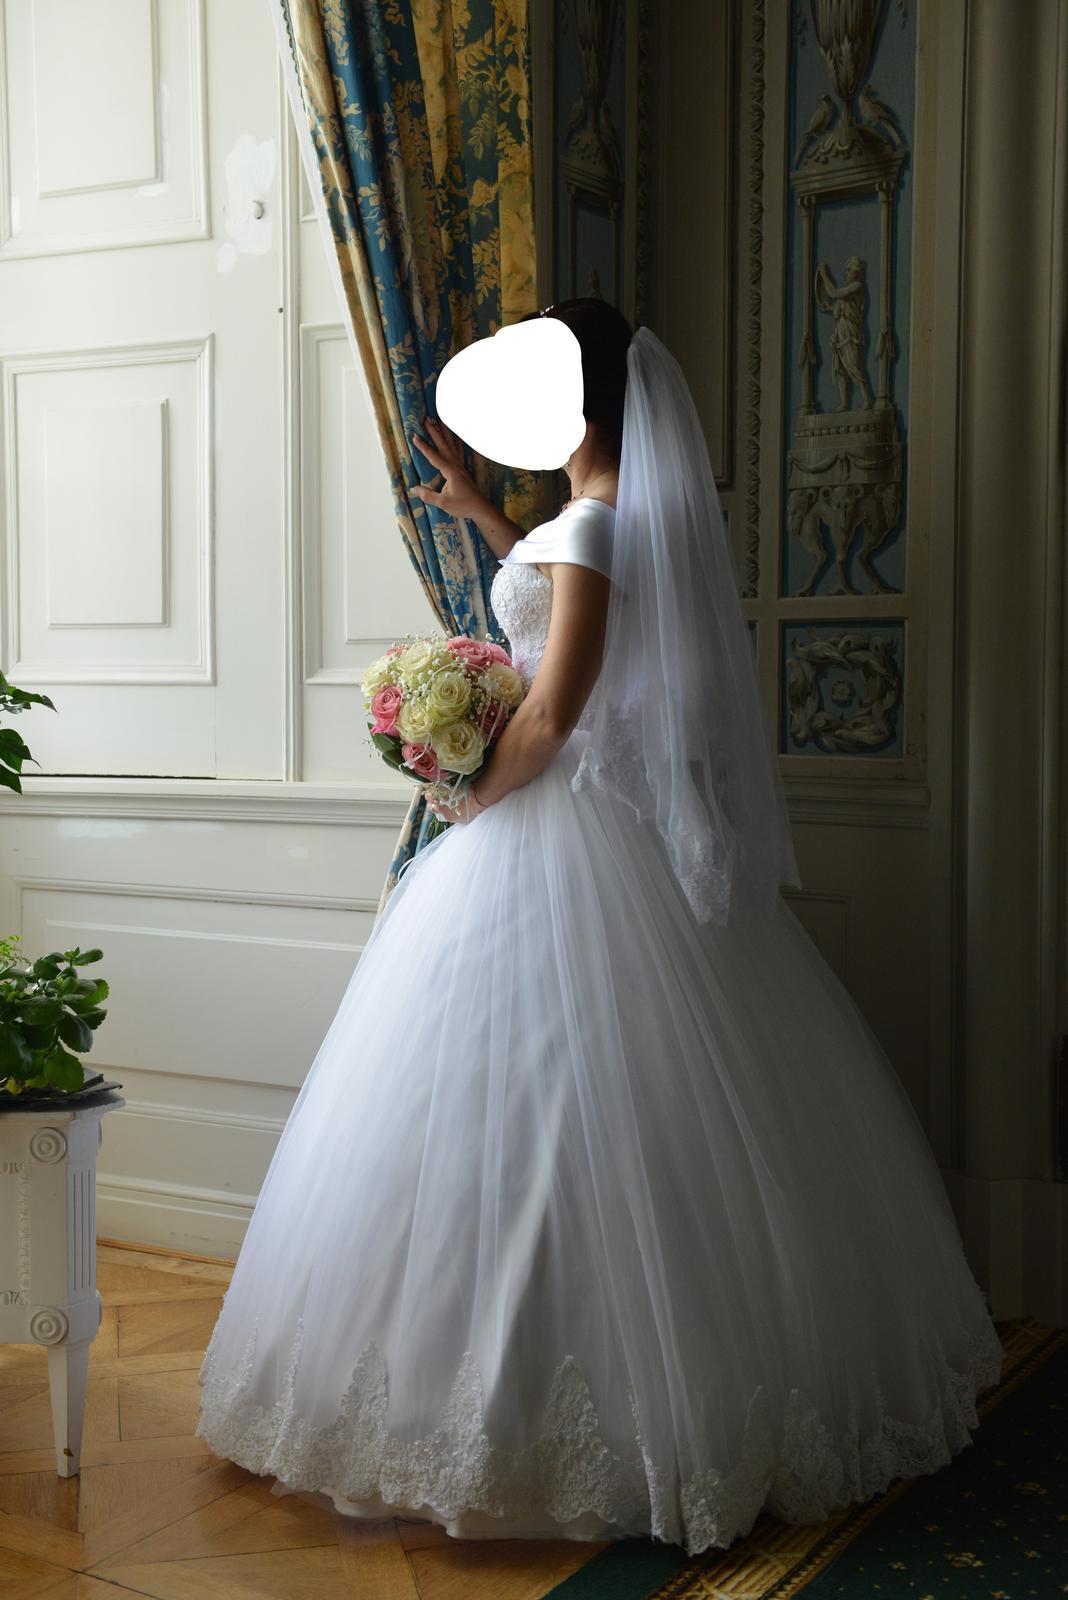 Svadobné šaty veľkosť 36 - Obrázok č. 1